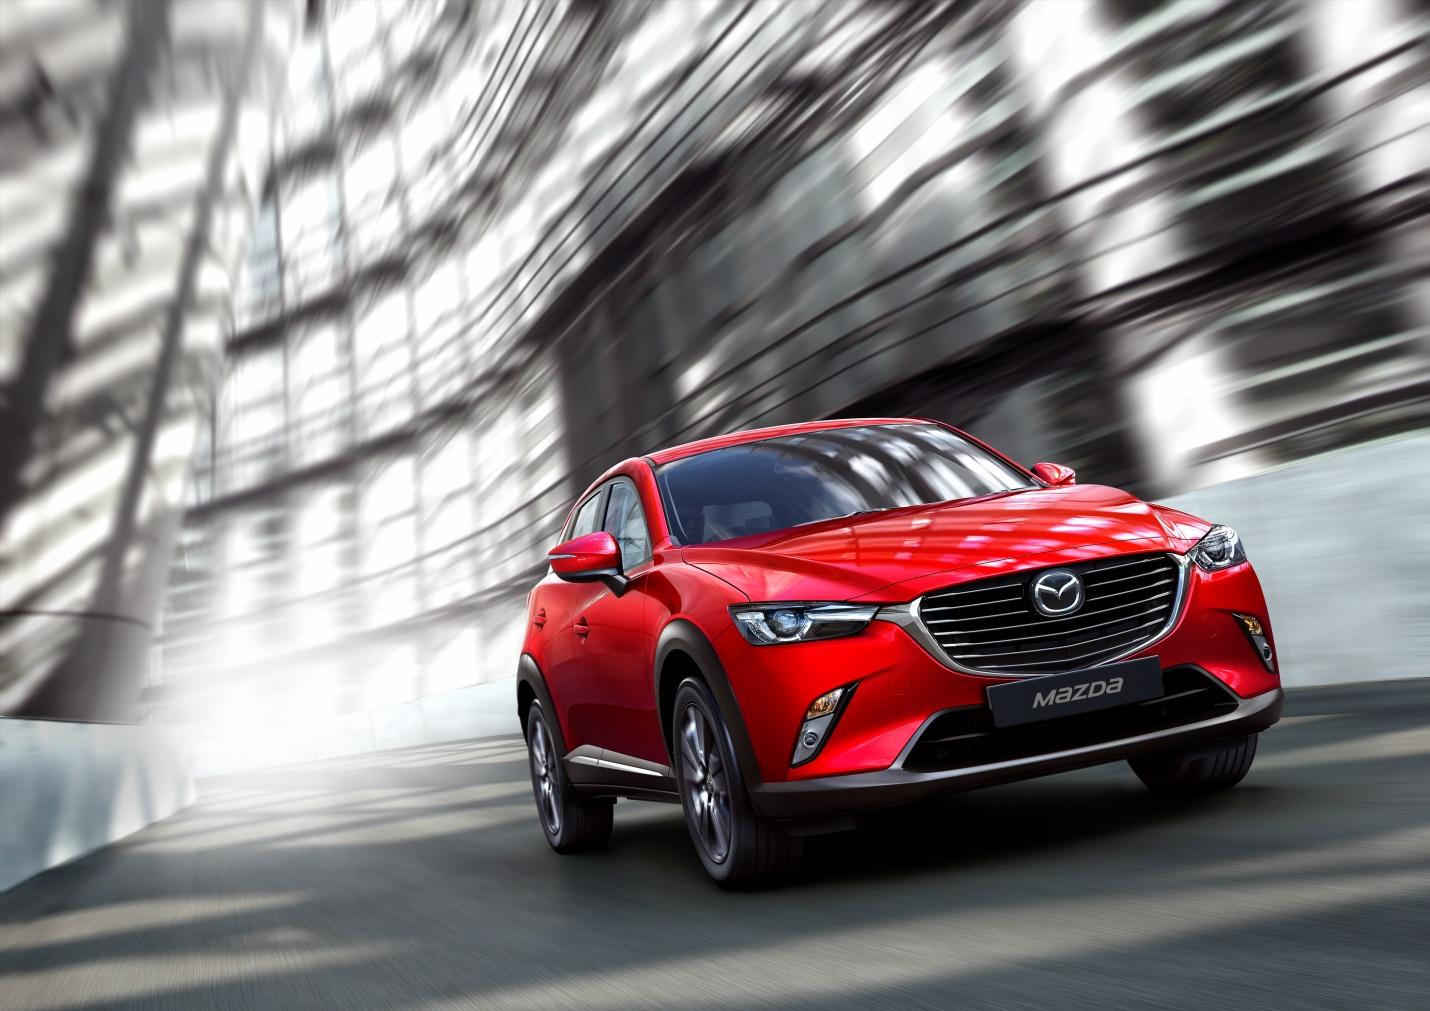 Điểm nhấn công nghệ trên Mazda CX-3 vừa ra mắt - Ảnh 1.